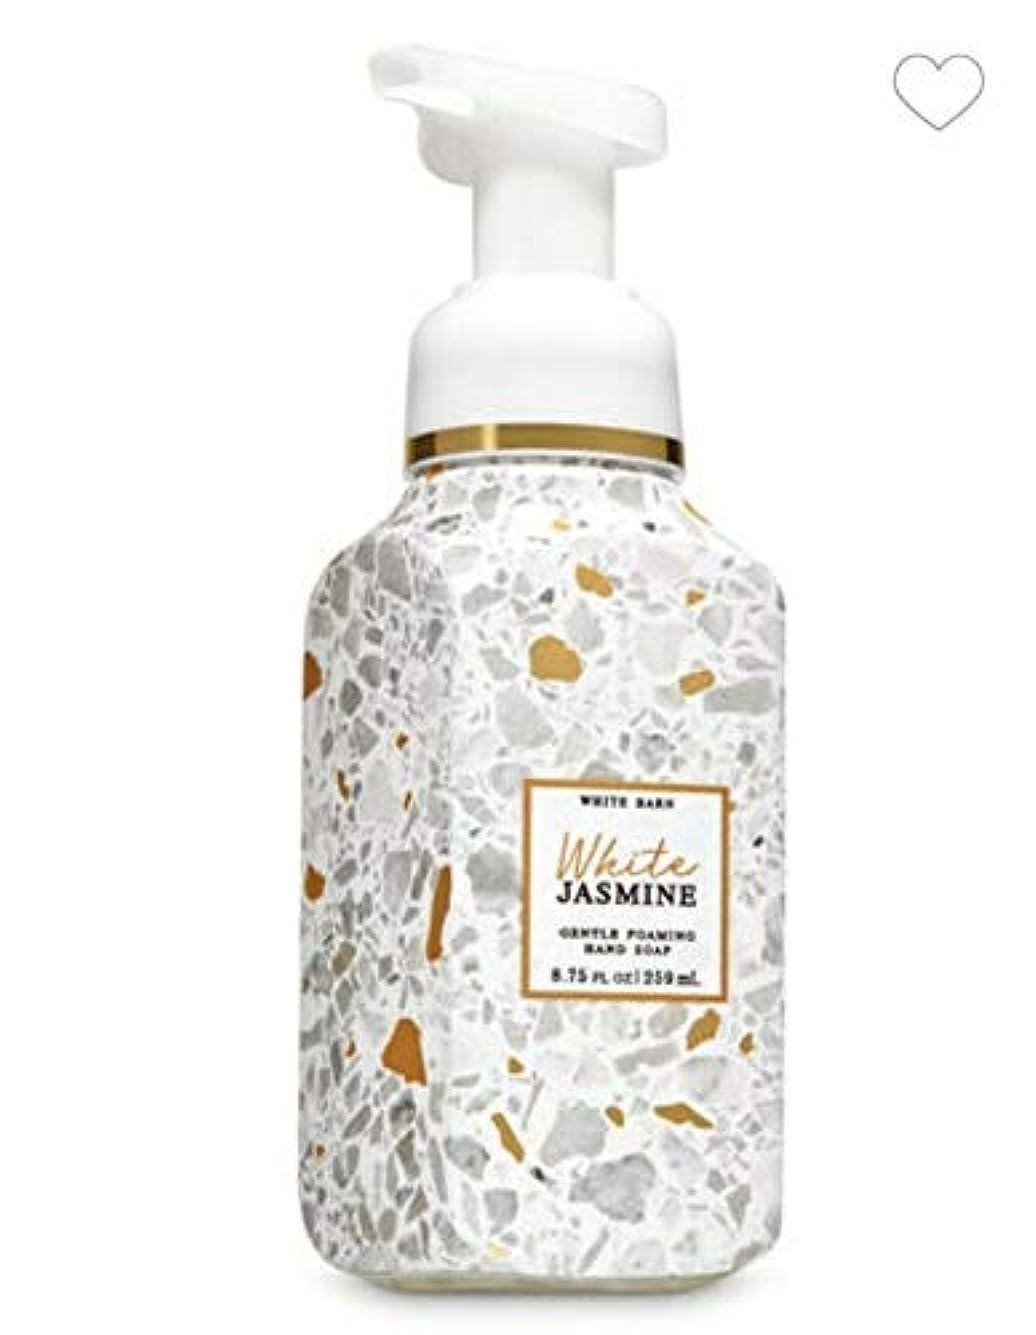 ドレイン代替小道バス&ボディワークス ホワイトジャスミン ジェントル フォーミング ハンドソープ White Jasmine Gentle Foaming Hand Soap